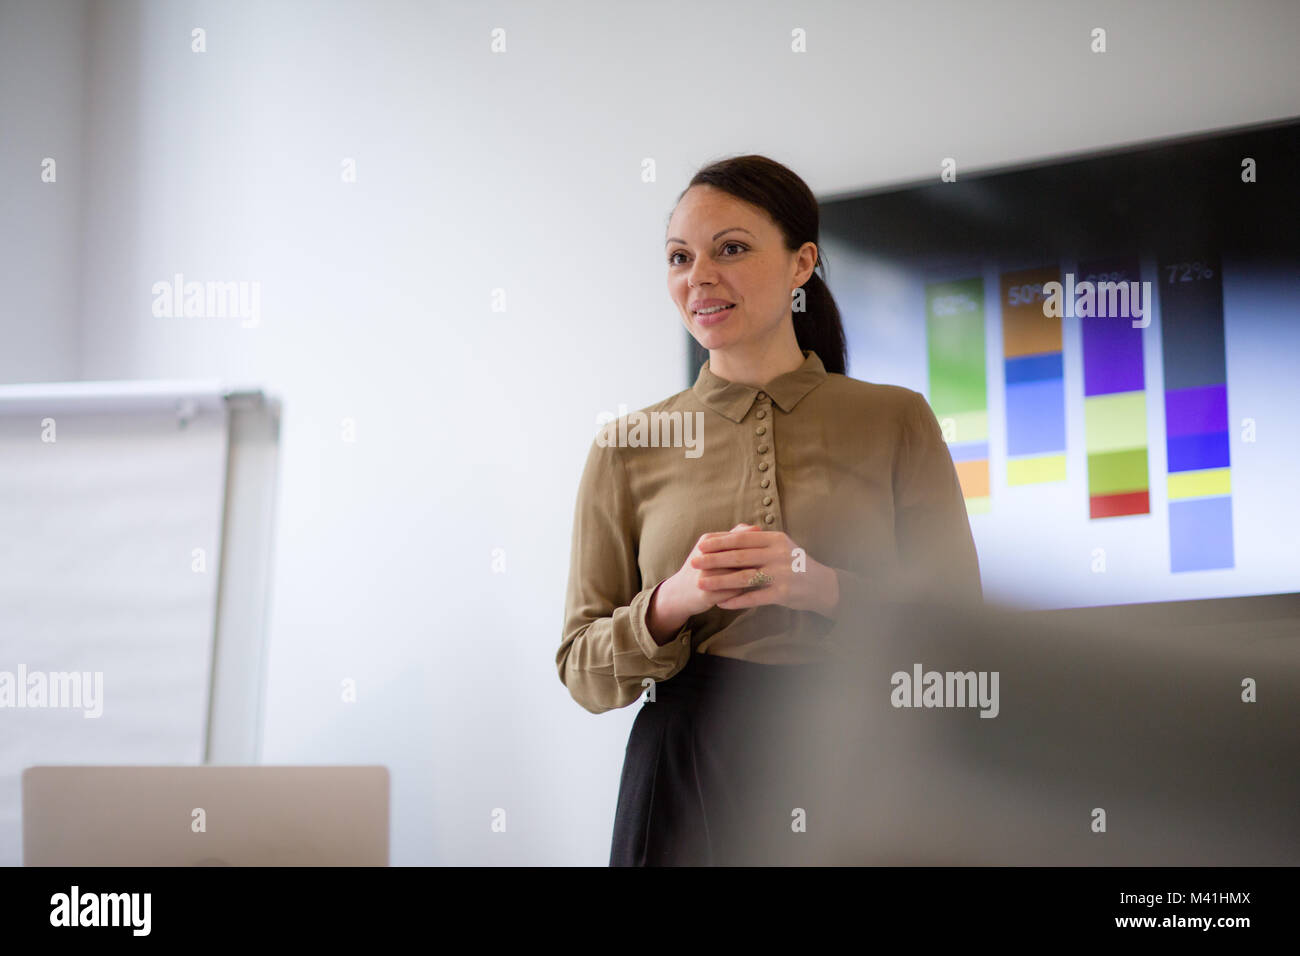 Femmina executive business dando una presentazione Immagini Stock